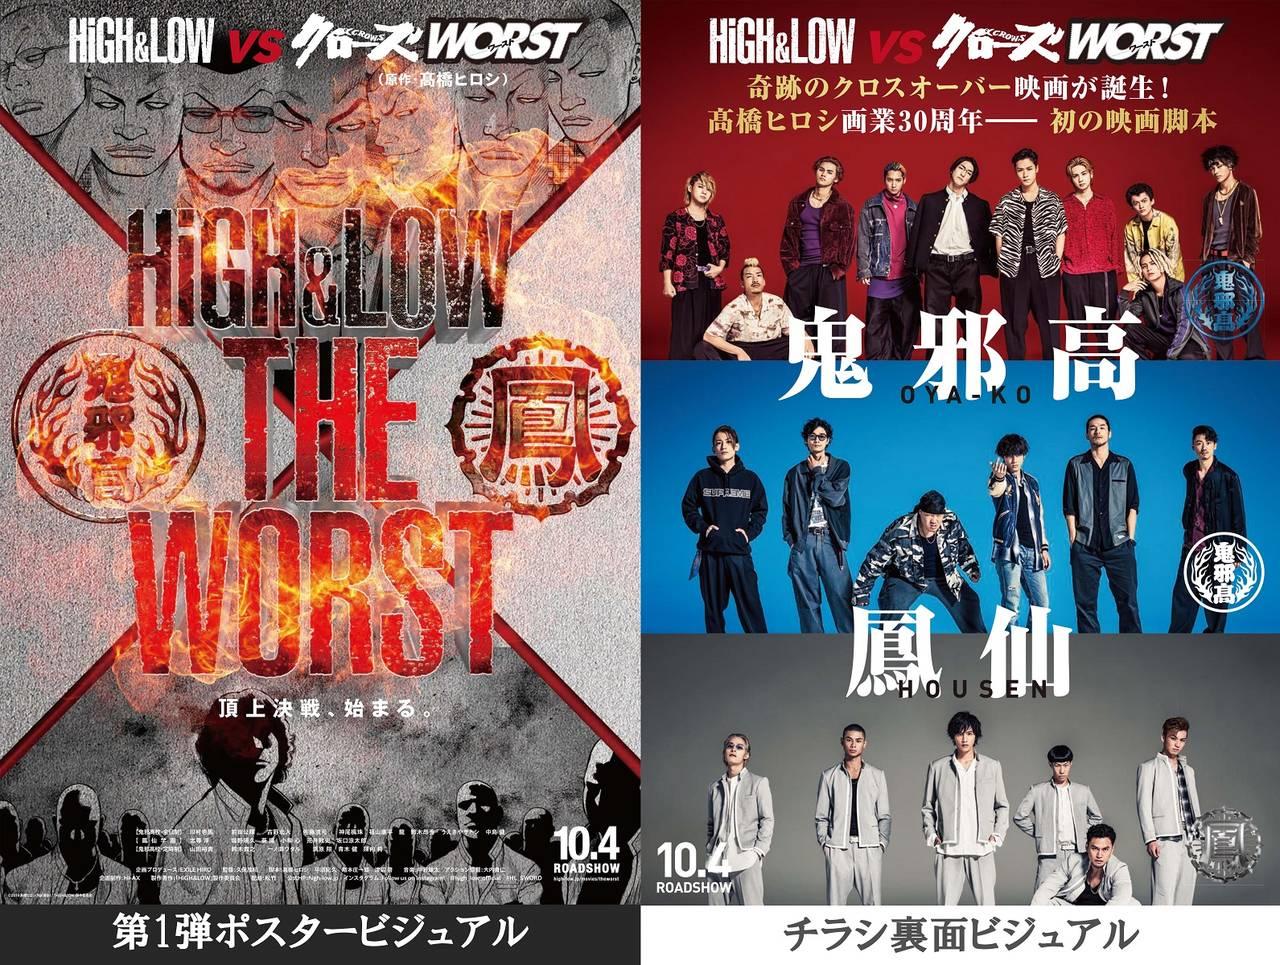 映画『HiGH&LOW THE WORST』佐藤流司、志尊淳らの第1弾ビジュアルが解禁!